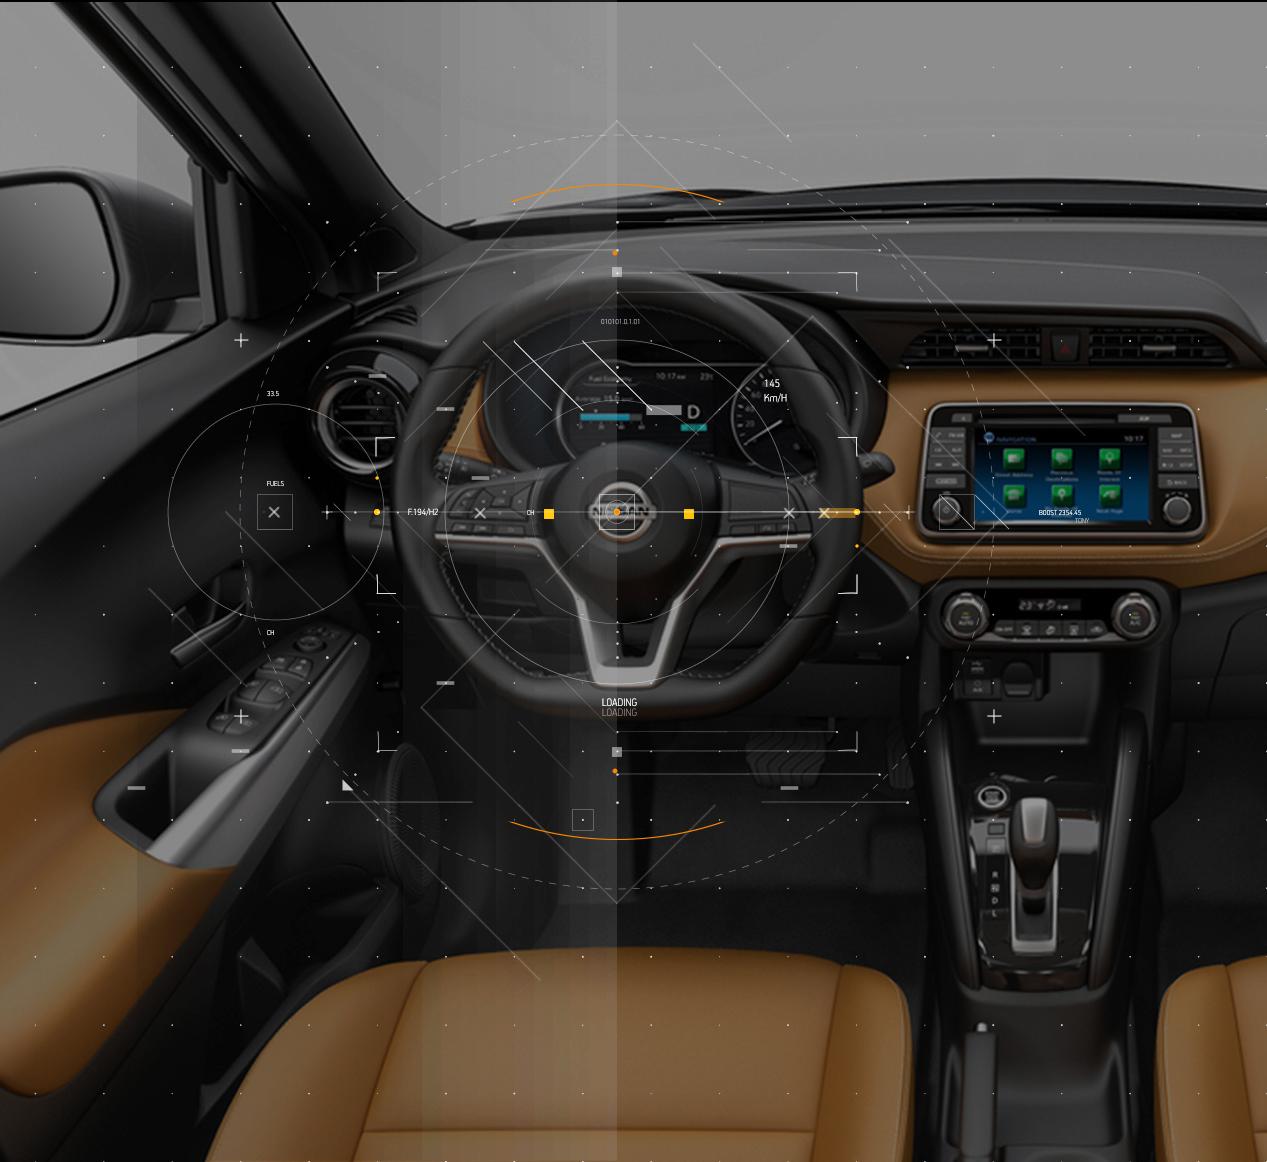 HUD Inside car test.jpg